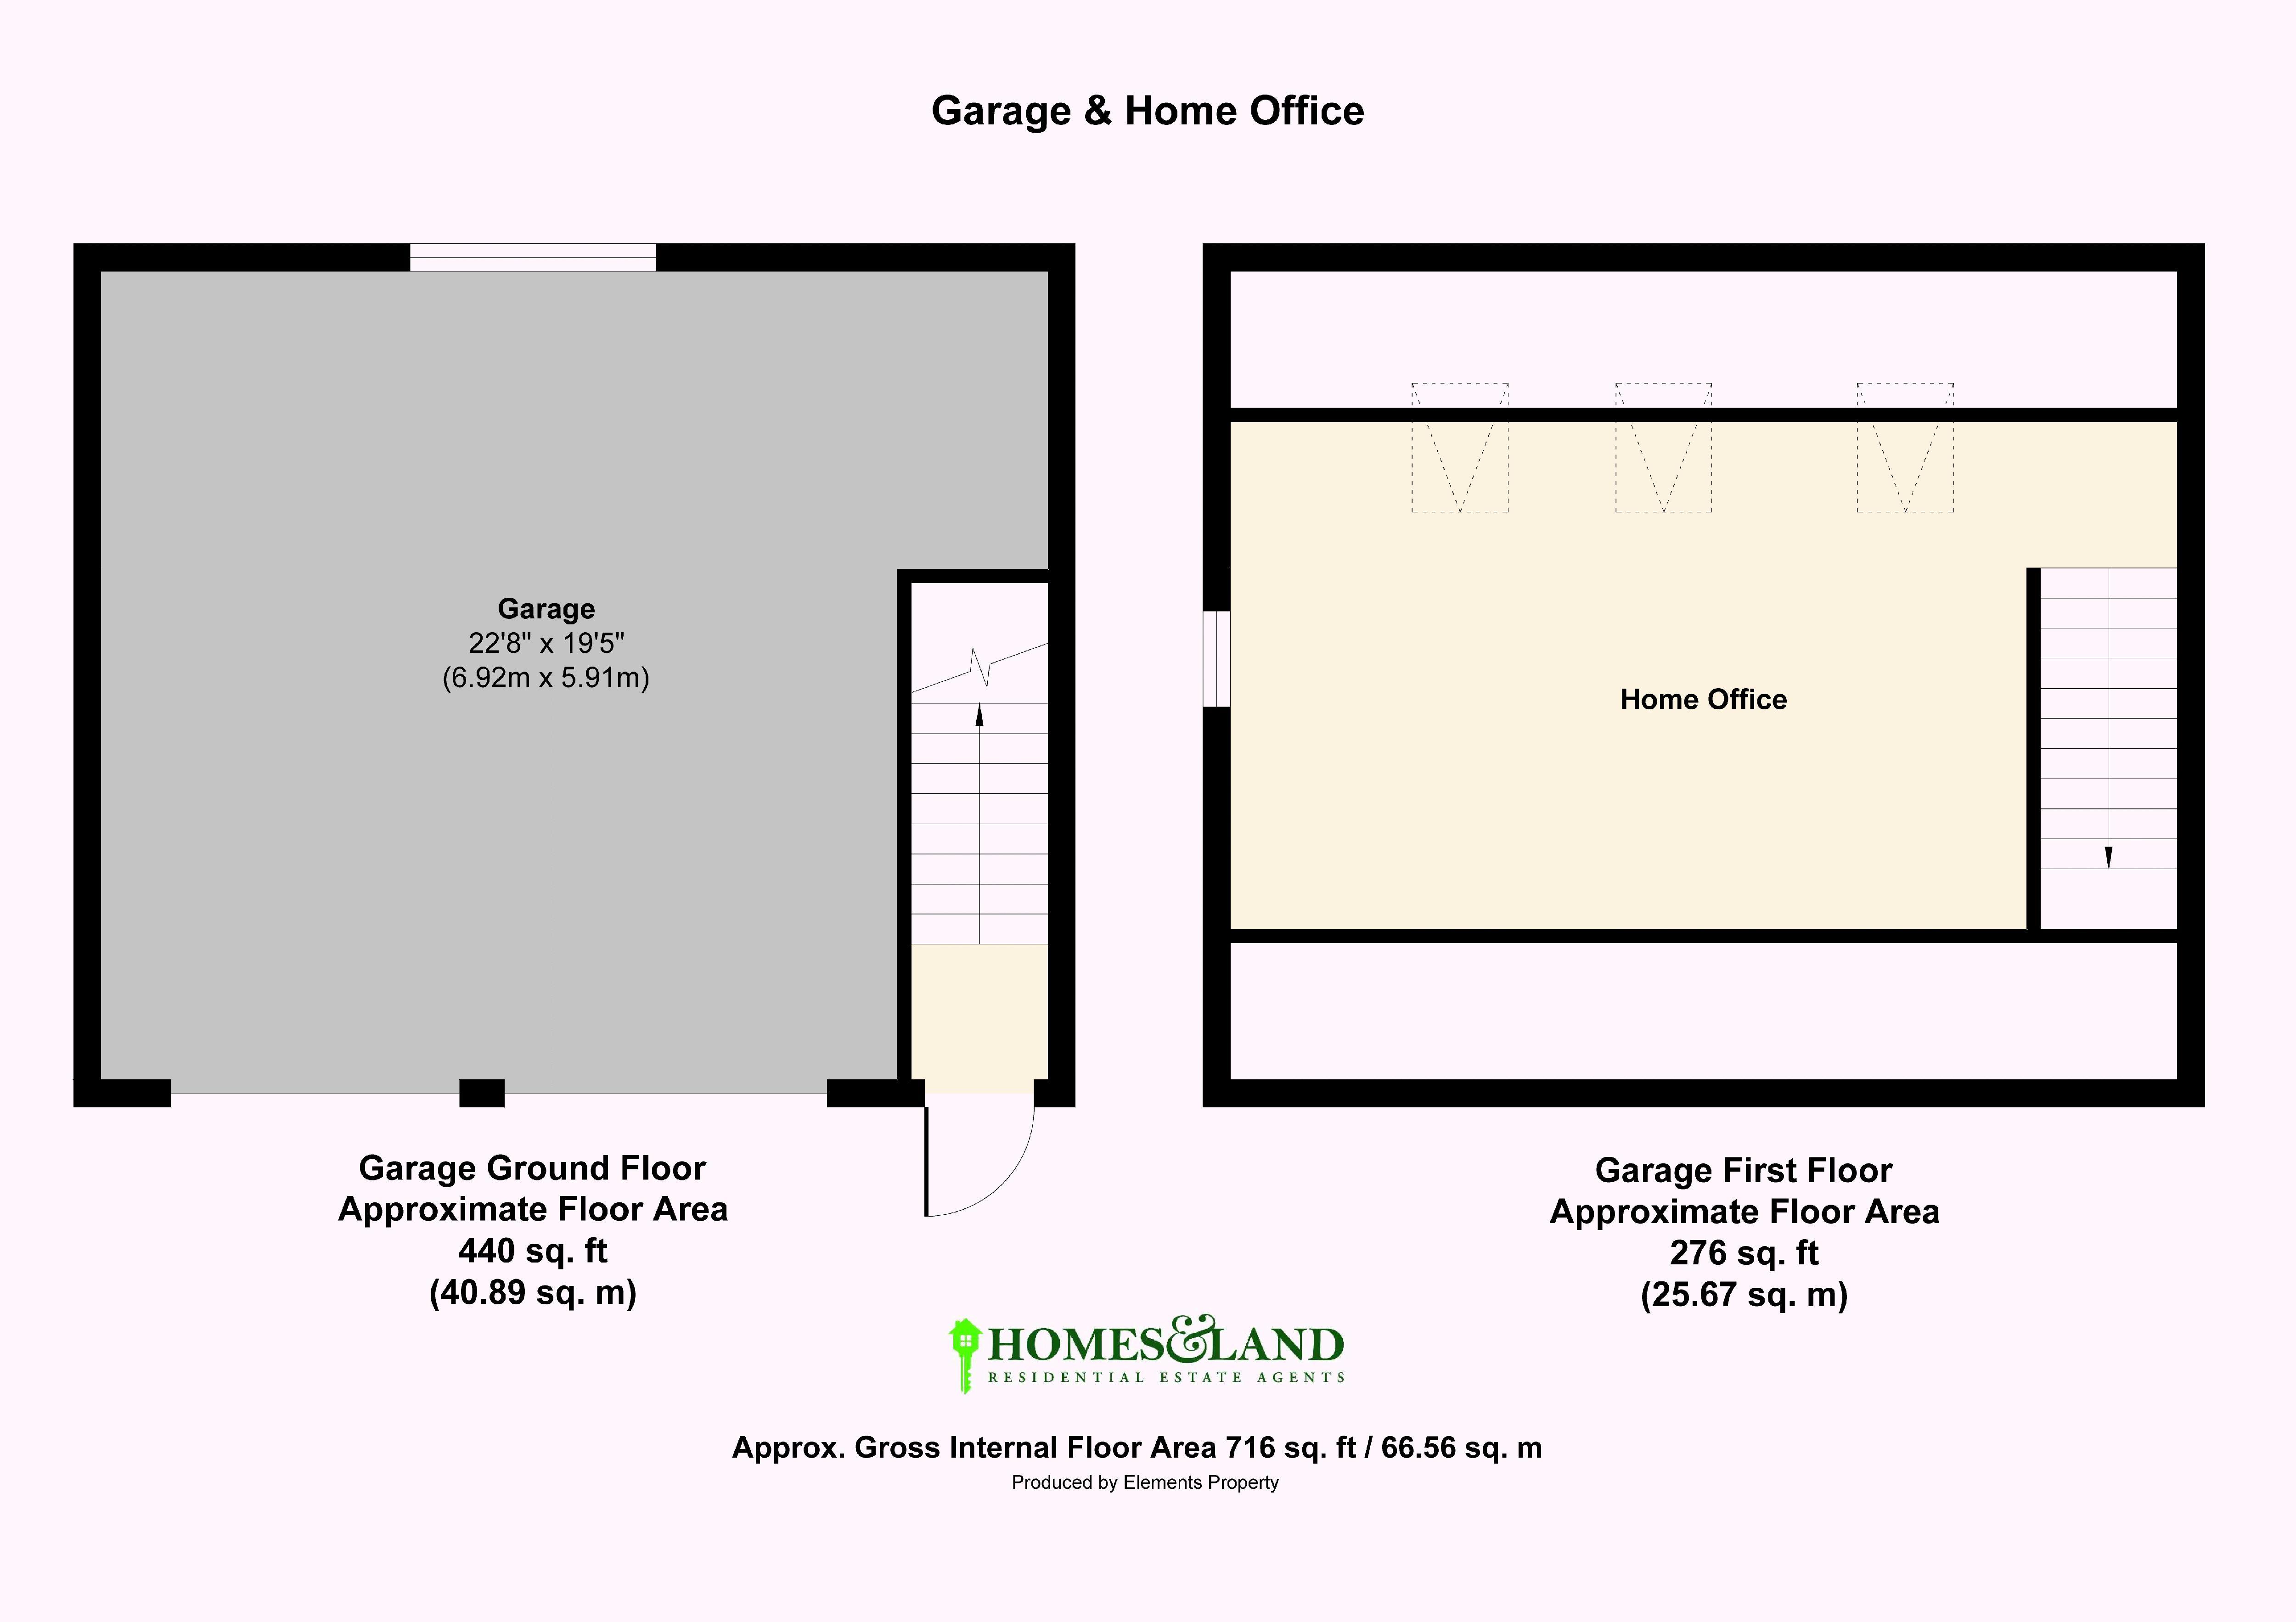 Garage & Home Office